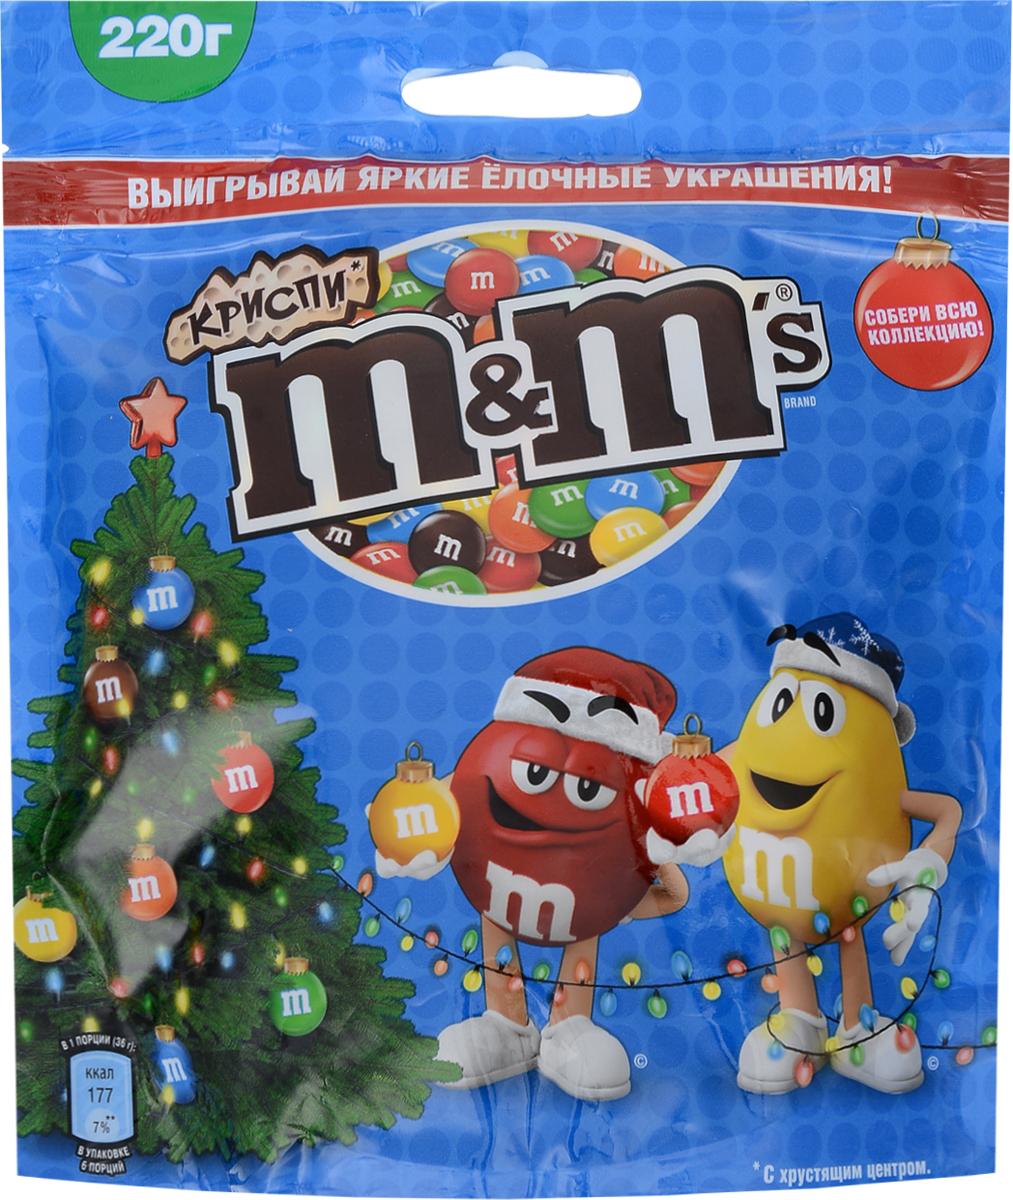 M&M's Криспи драже с хрустящим центром, 220 г конфитрейд disney драже с игрушкой проектор 8 г